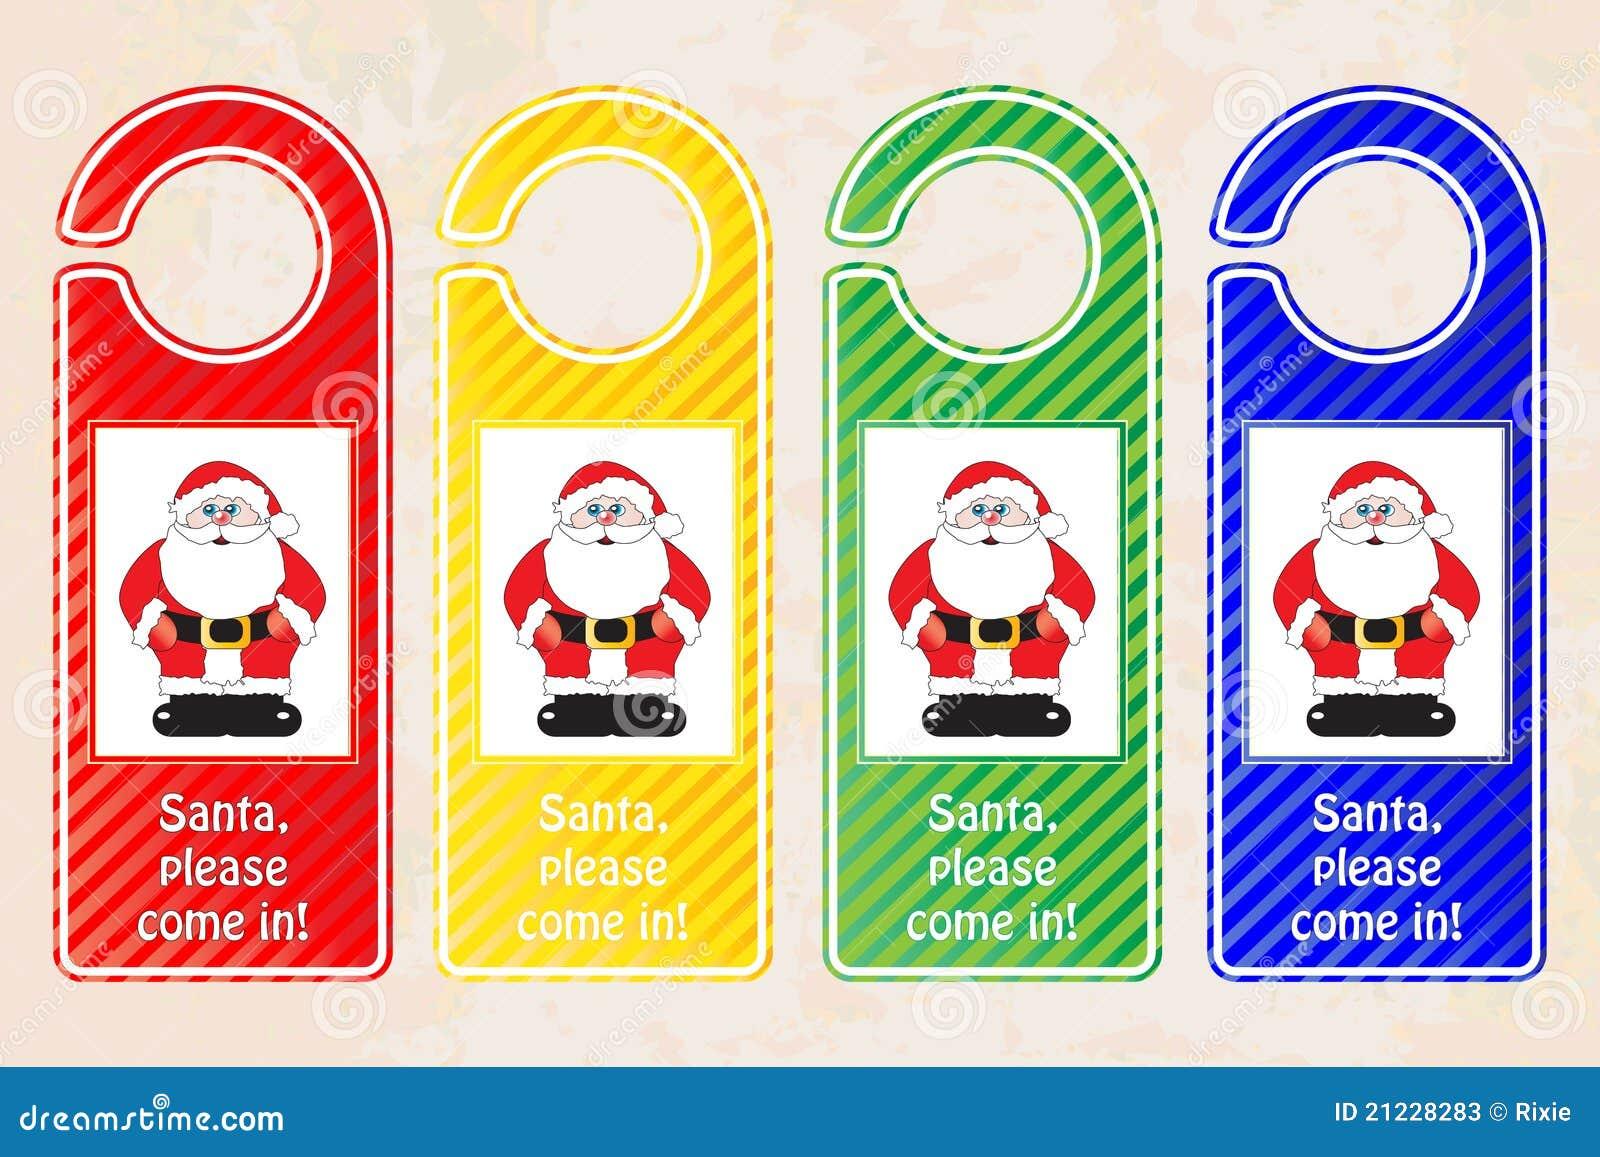 Christmas Door Hangers Stock Photos - Image: 21228283